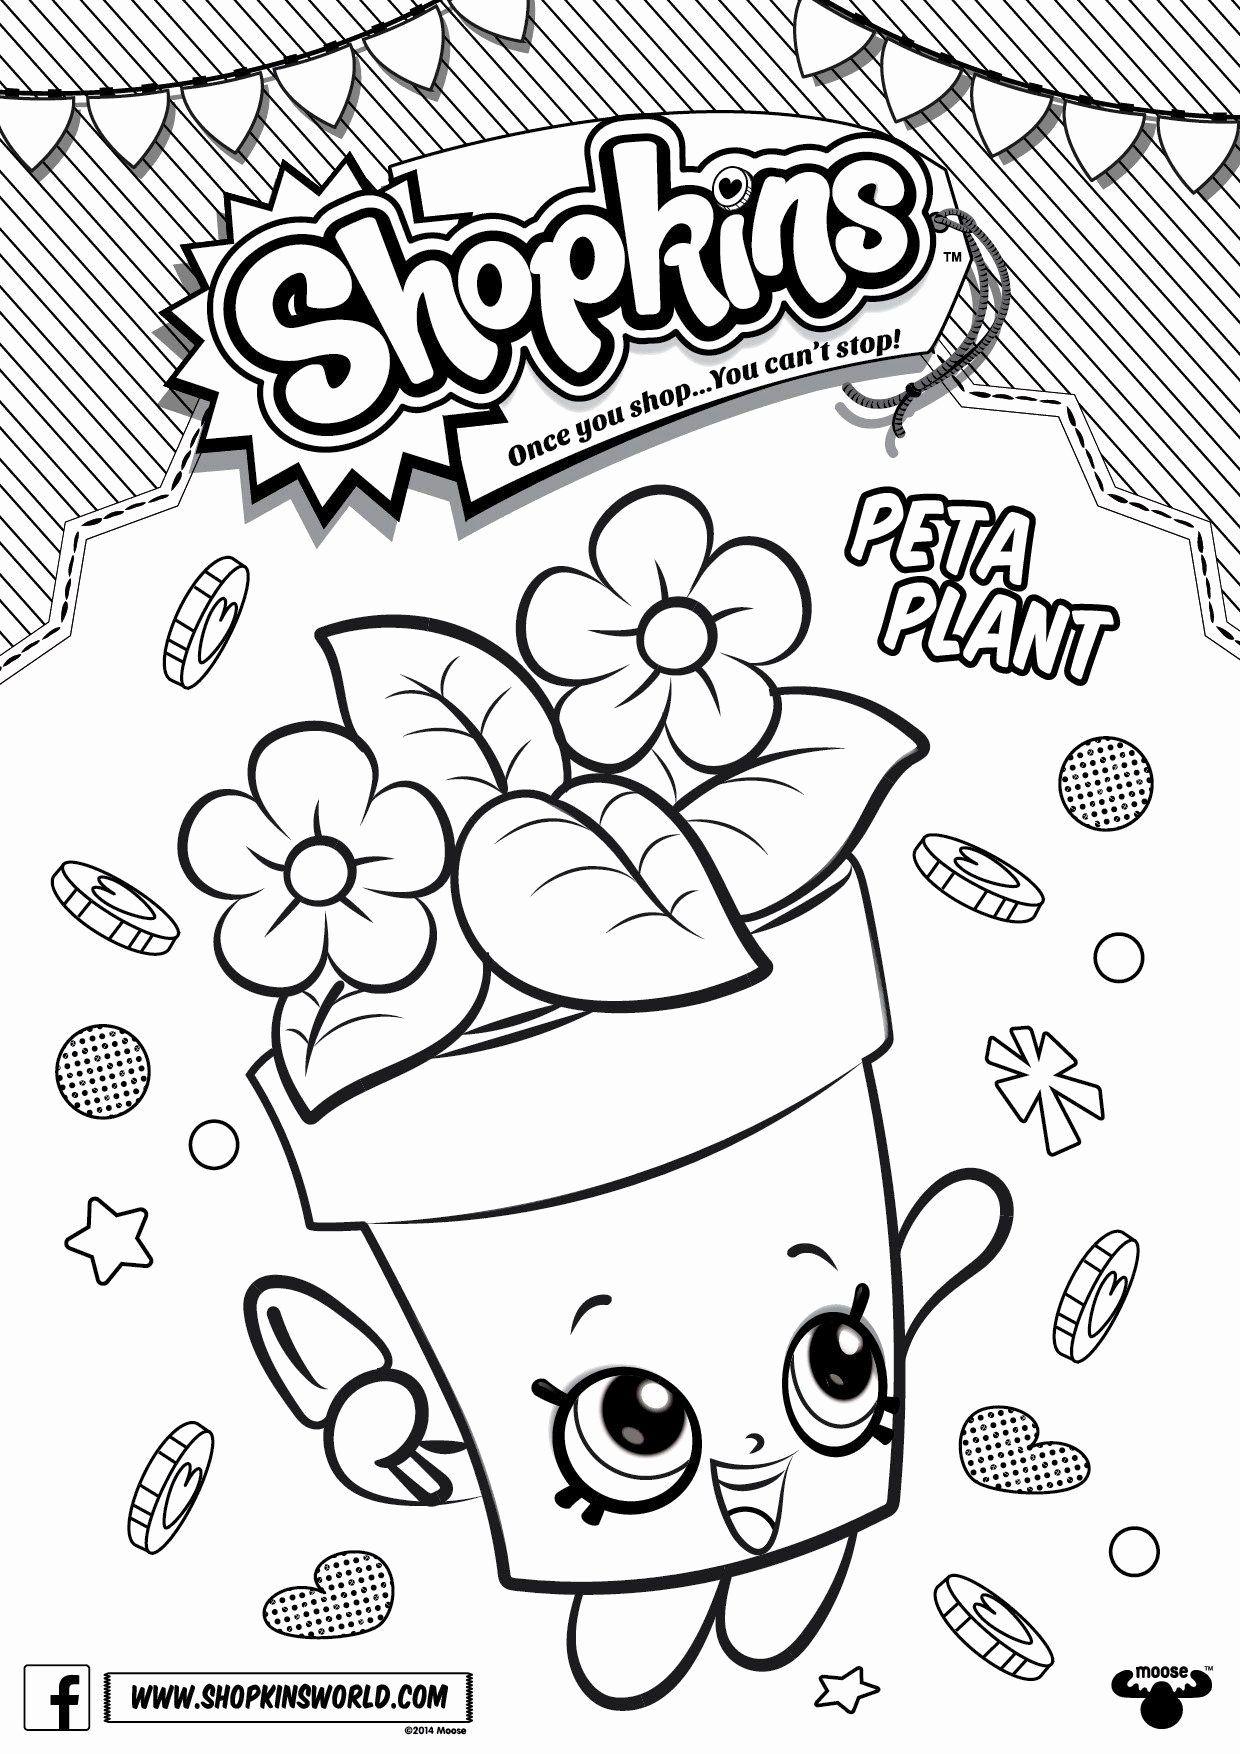 Christmas Shopkins Coloring Pages Fresh 26 Shopkins Printable Coloring Pages Download Coloring Sheets Warna Kartun Gambar